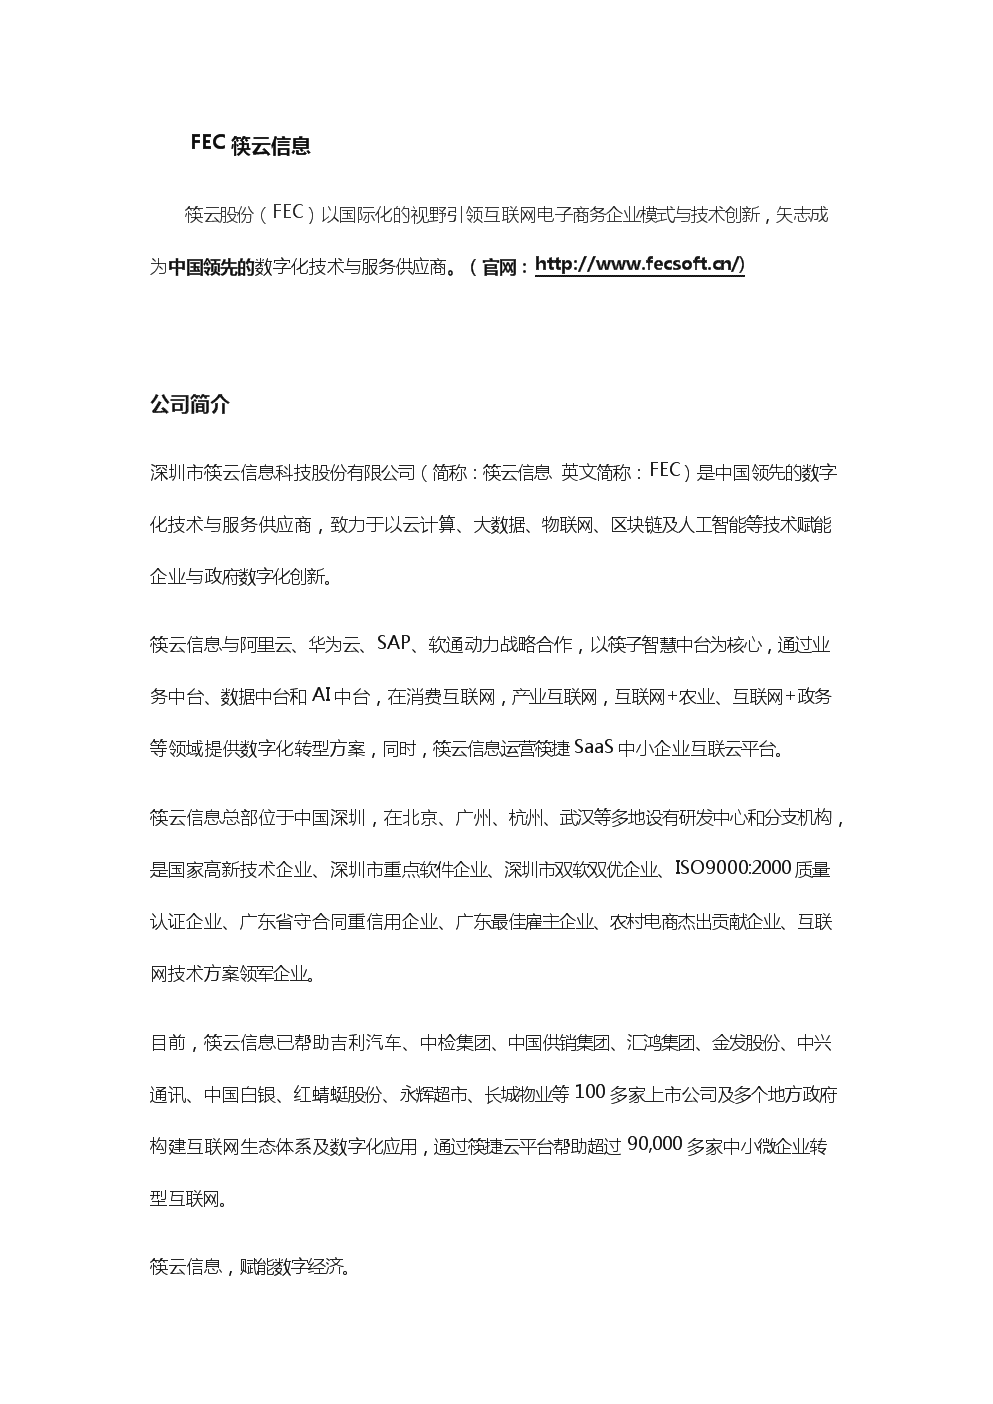 简介-FEC筷云信息.docx